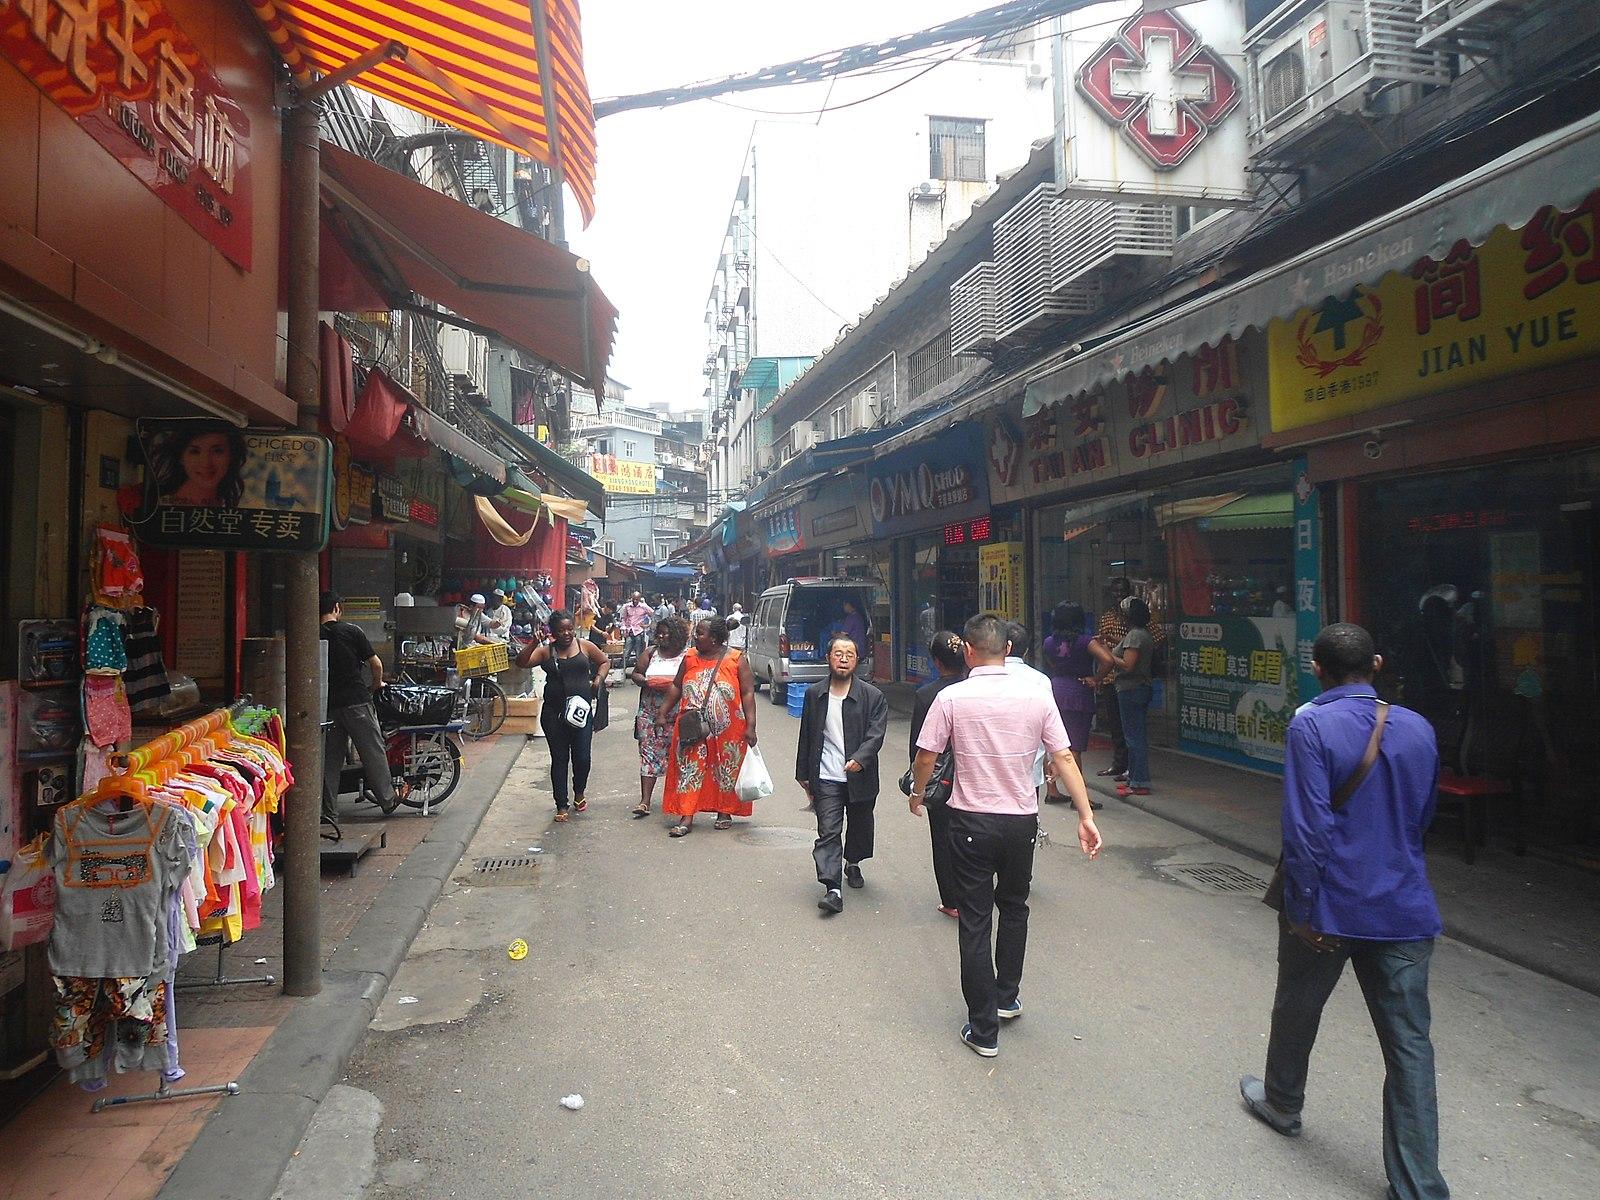 La rue Baohan (face au nord), le centre du quartier africain, Dengfeng, dans le district de Yuexiu, à Guangzhou (Canton), en Chine. Photo de Anna Frodesiak, domaine public.